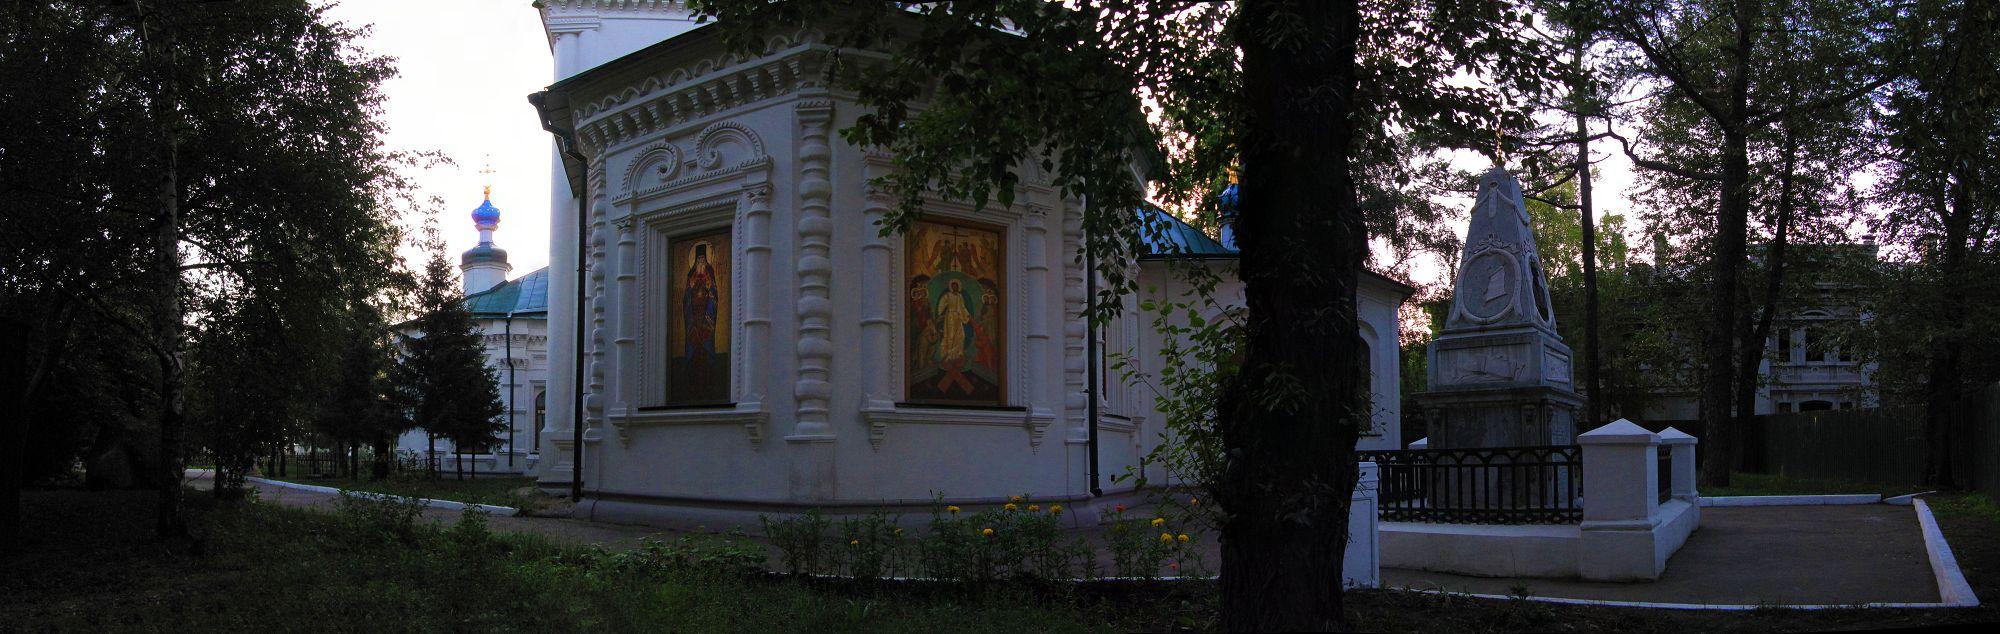 Иркутск, Знаменская церковь. Фото © Беседин, 2011